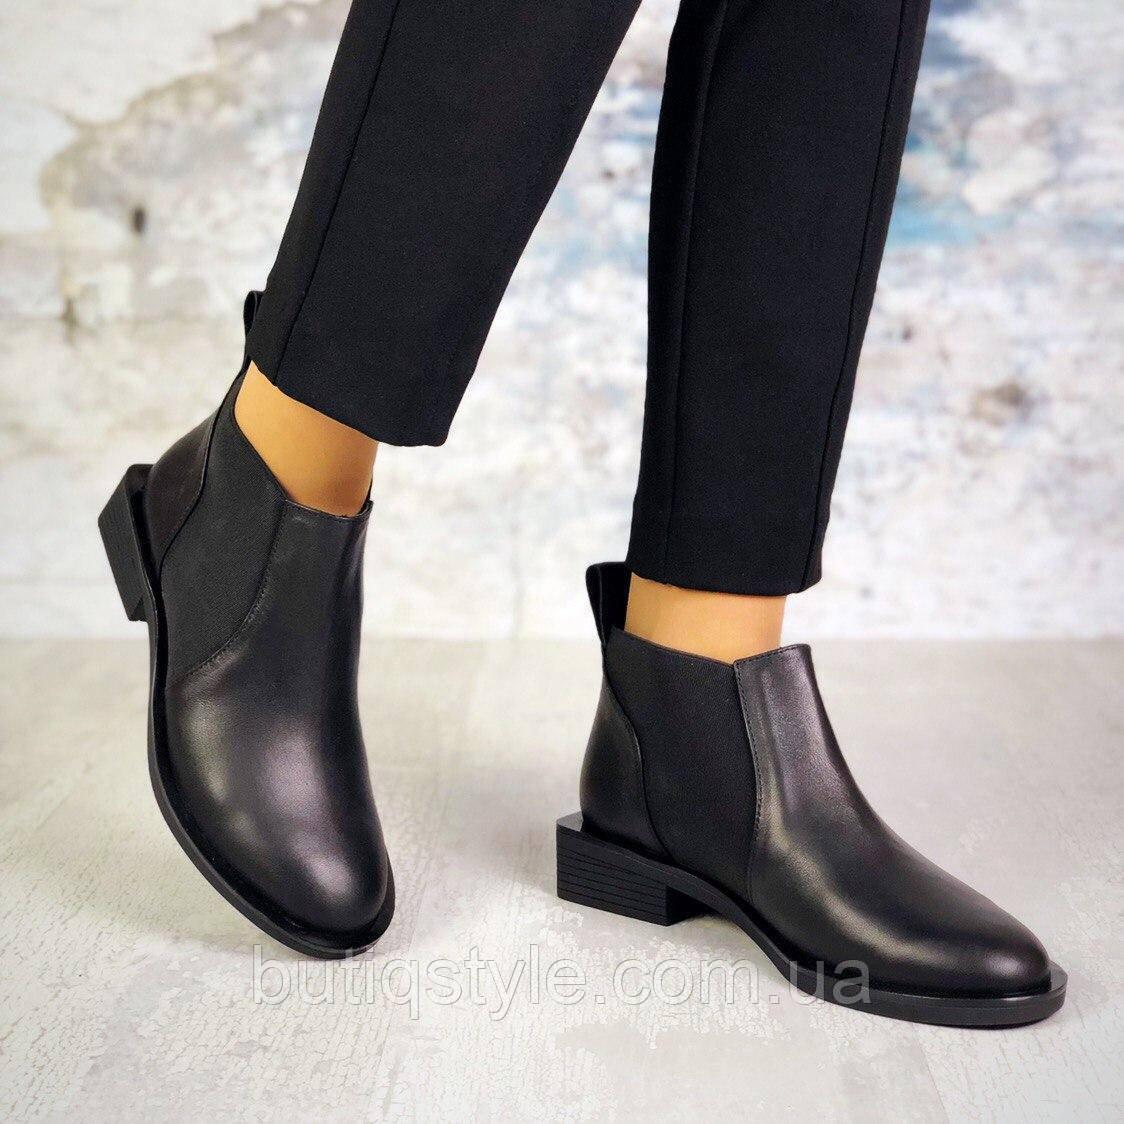 Женские черные ботинки натур.кожа на резинке Деми